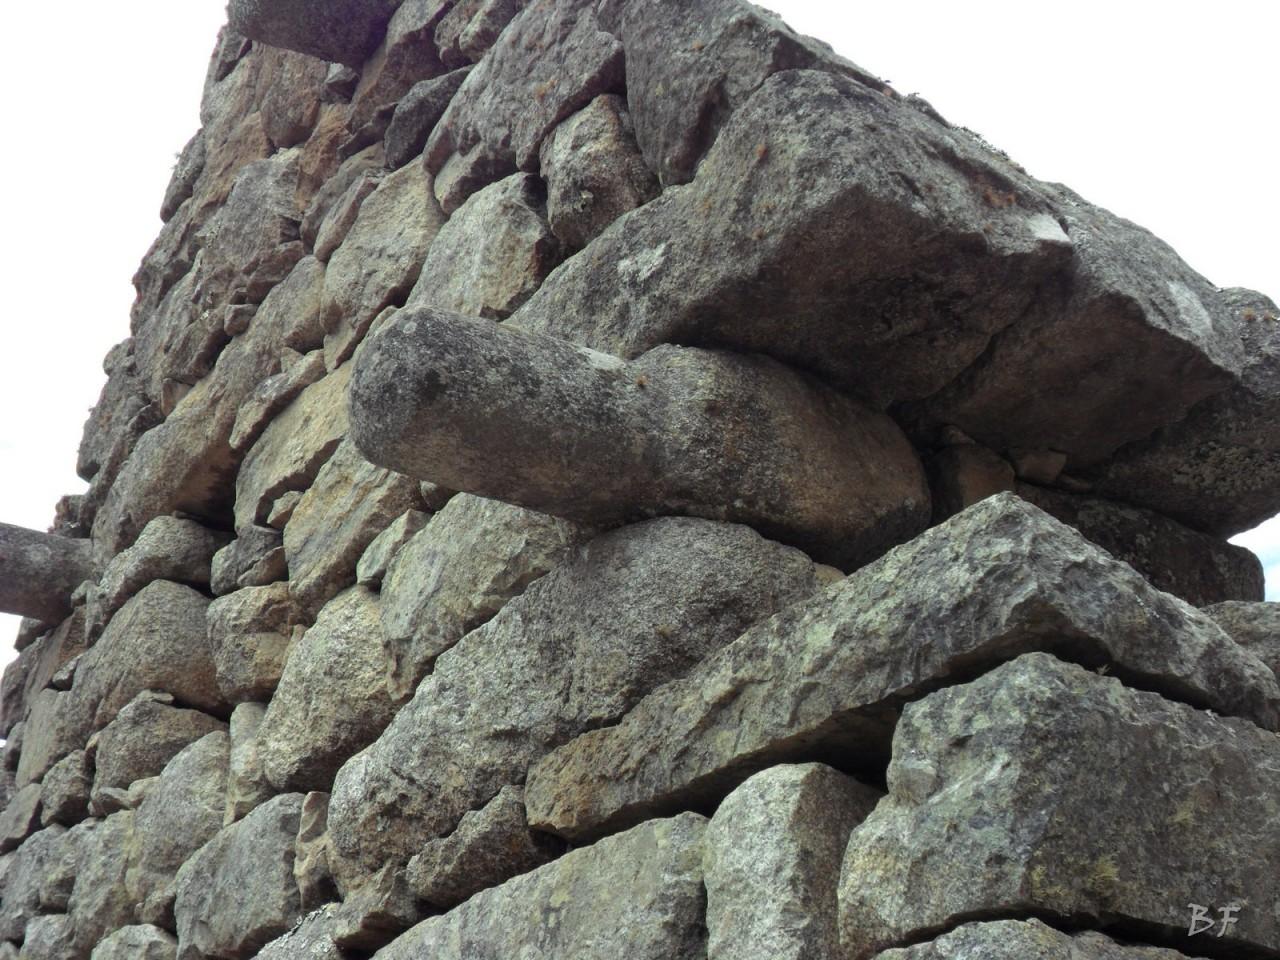 Mura-Poligonali-Incisioni-Altari-Edifici-Rupestri-Megaliti-Machu-Picchu-Aguas-Calientes-Urubamba-Cusco-Perù-84